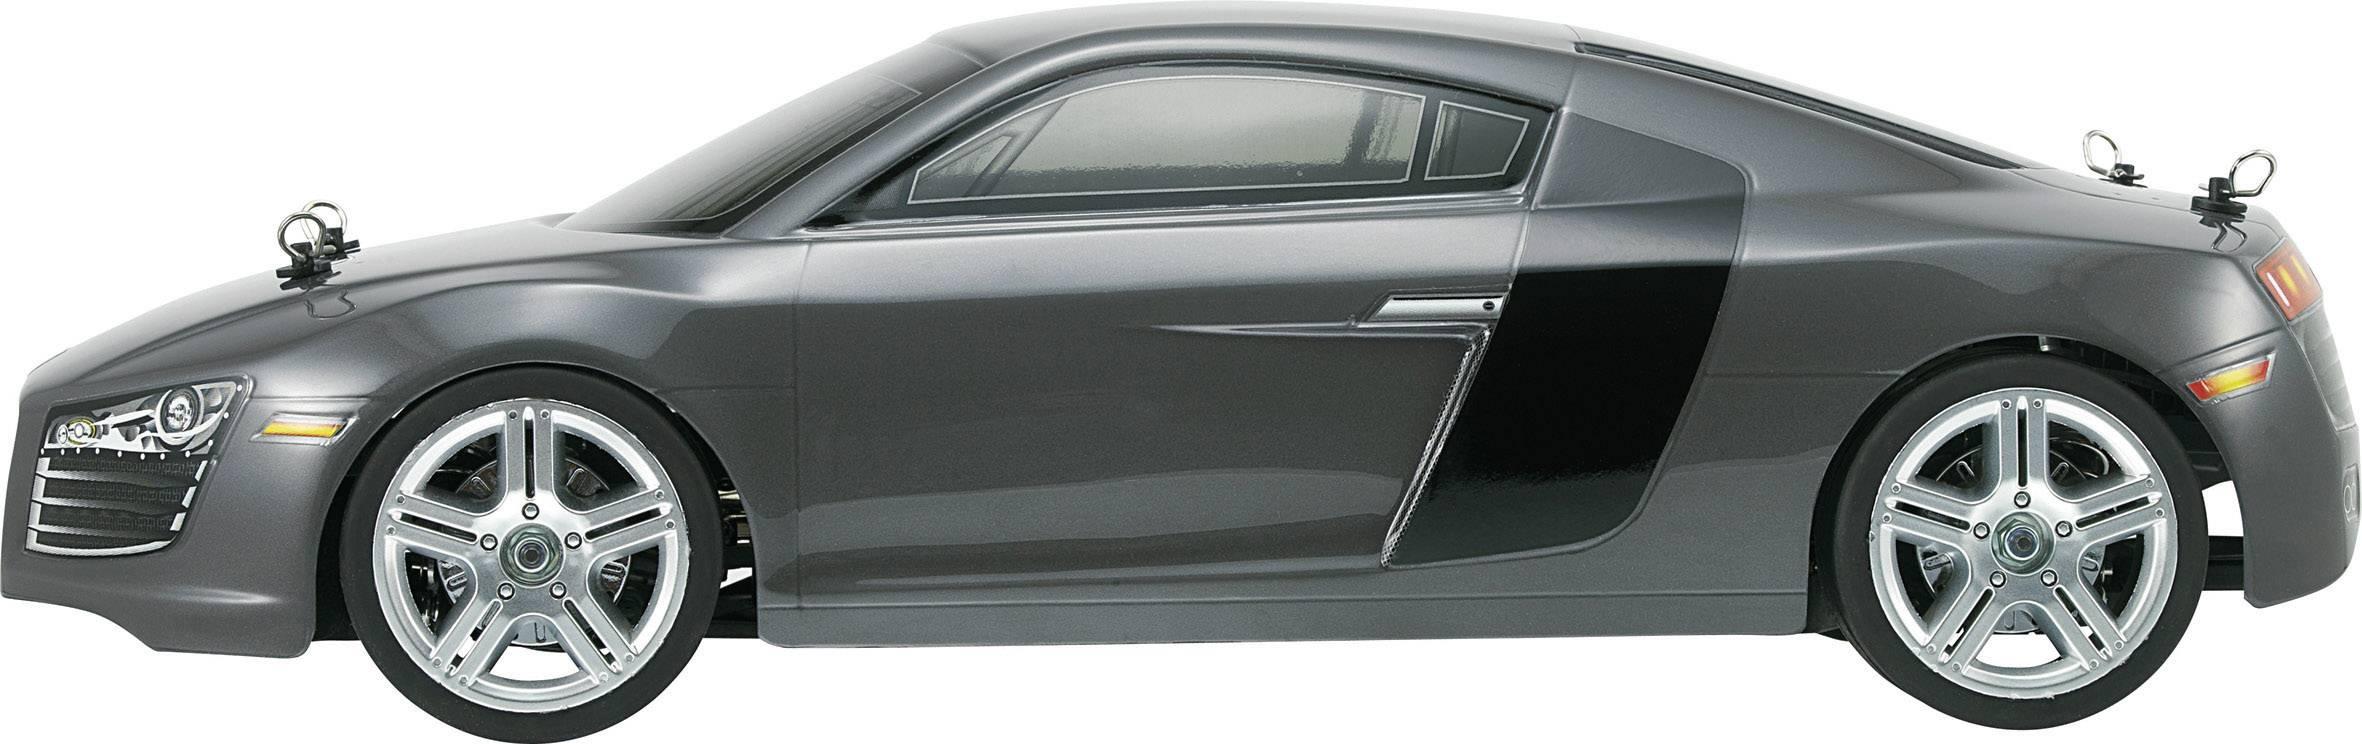 Karoséria Reely Audi R8 210113P2 1:10